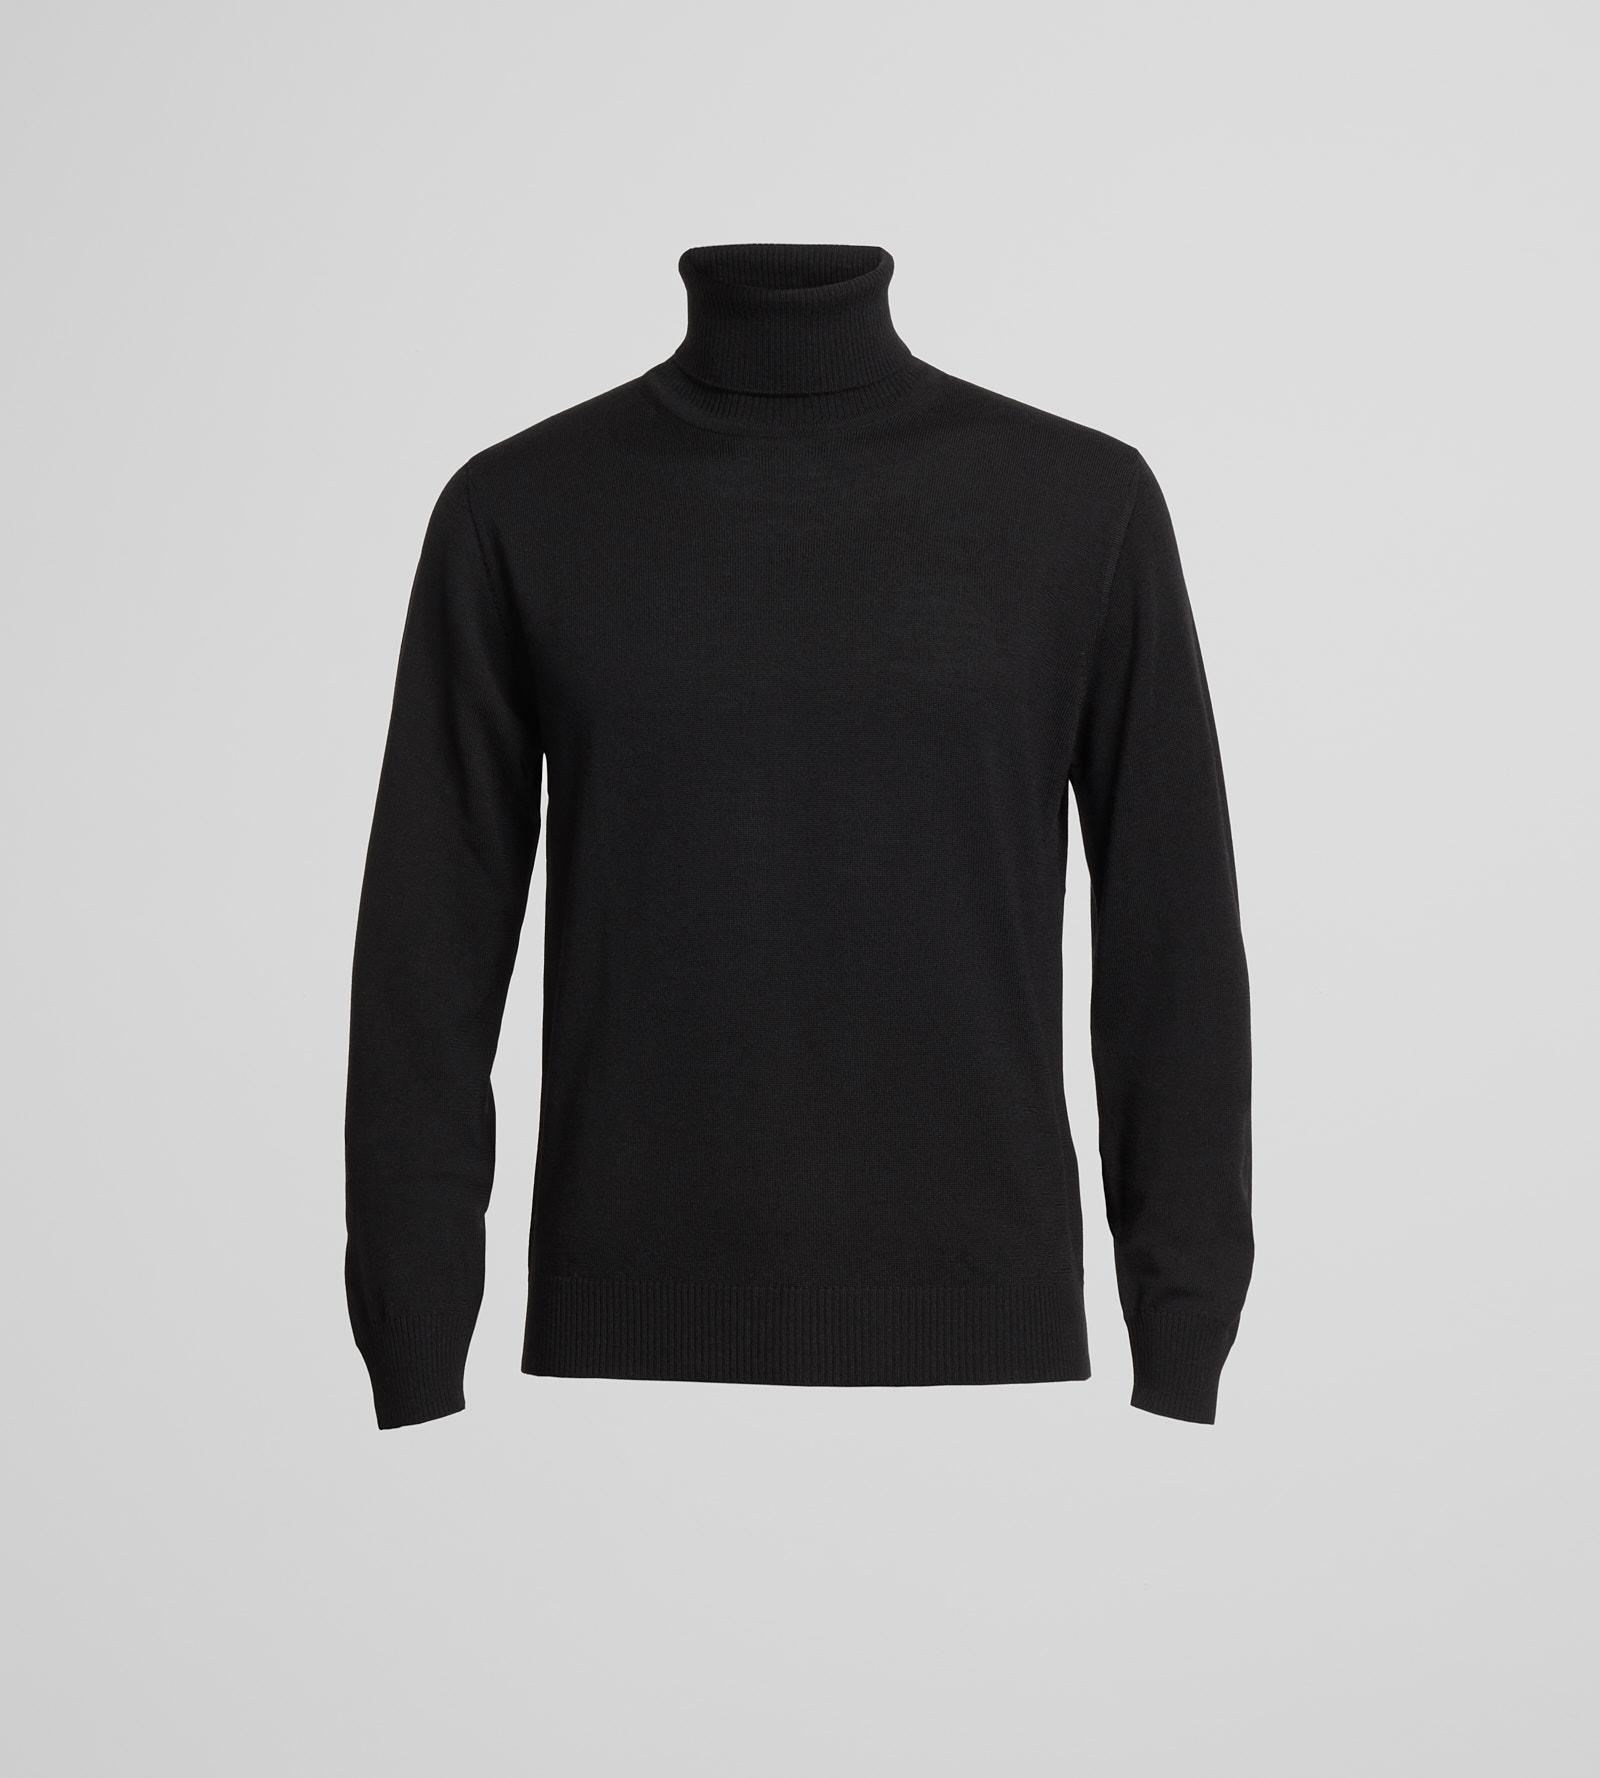 digel-fekete-modern-fit-garbo-nyaku-gyapju-pulover-francis1-1-1288006-10